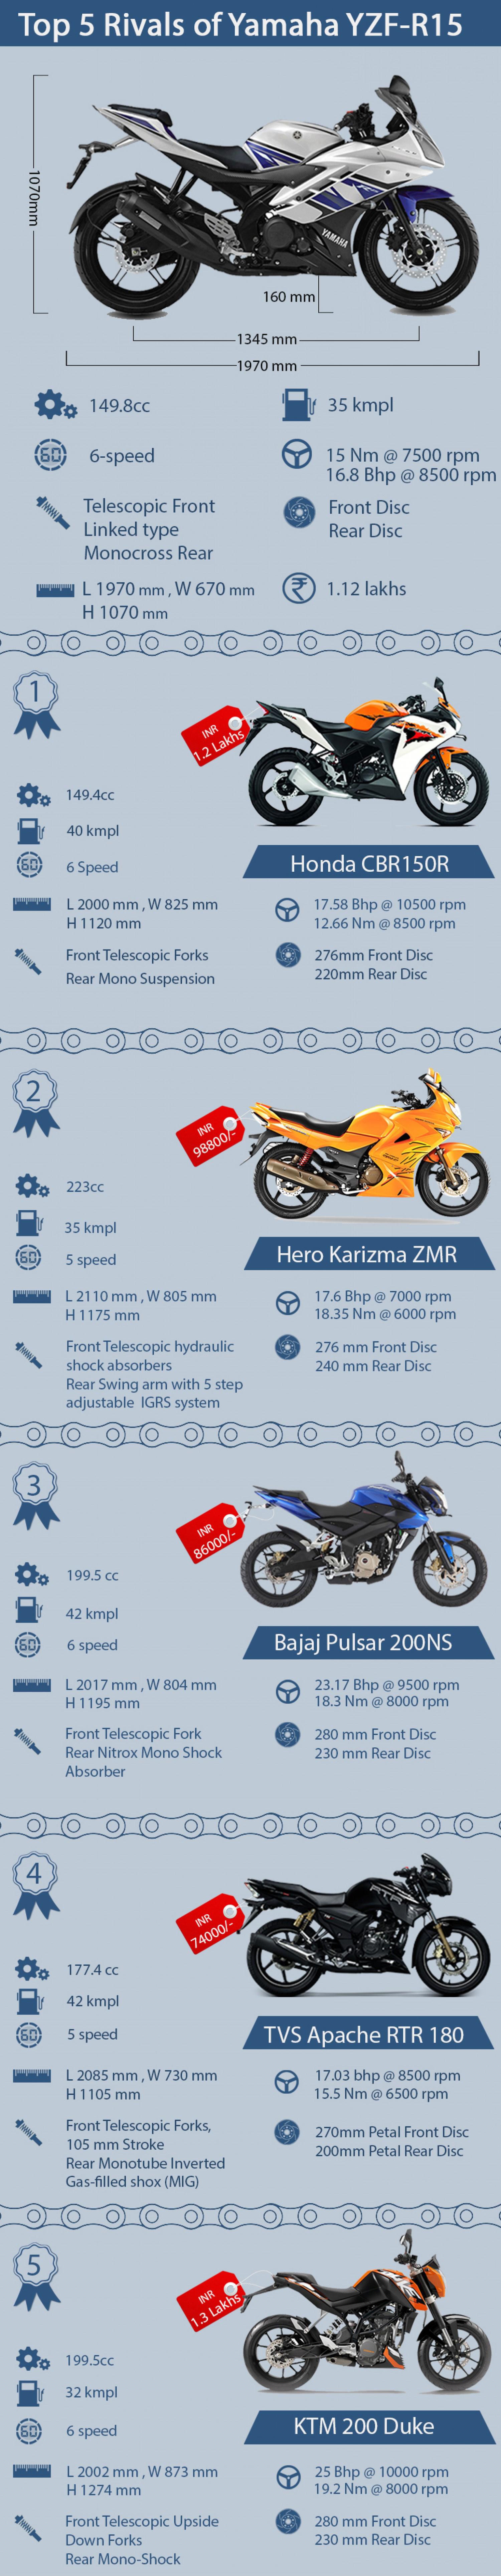 Top 5 đối thủ đáng gờm của Yamaha YZF-R15. Thể hiện tính thể thao từ thiết kế đến vận hành, YZF-R15 chứng tỏ không hề thua kém các đàn anh superbike YZF-R6 hay YZF-R1. Tuy nhiên, Yamaha YZF-R15 cũng không thiếu những đối thủ mạnh trong phân khúc này. Sau đây là top 5 đối thủ đáng gờm của Yamaha YZF-R15 các bạn hãy theo dõi nhé. Xem thêm: http://yenbaitourism.com.vn/kinh-nghiem-di-du-lich-yen-bai-bang-xe-may-yamaha-exciter-187.html